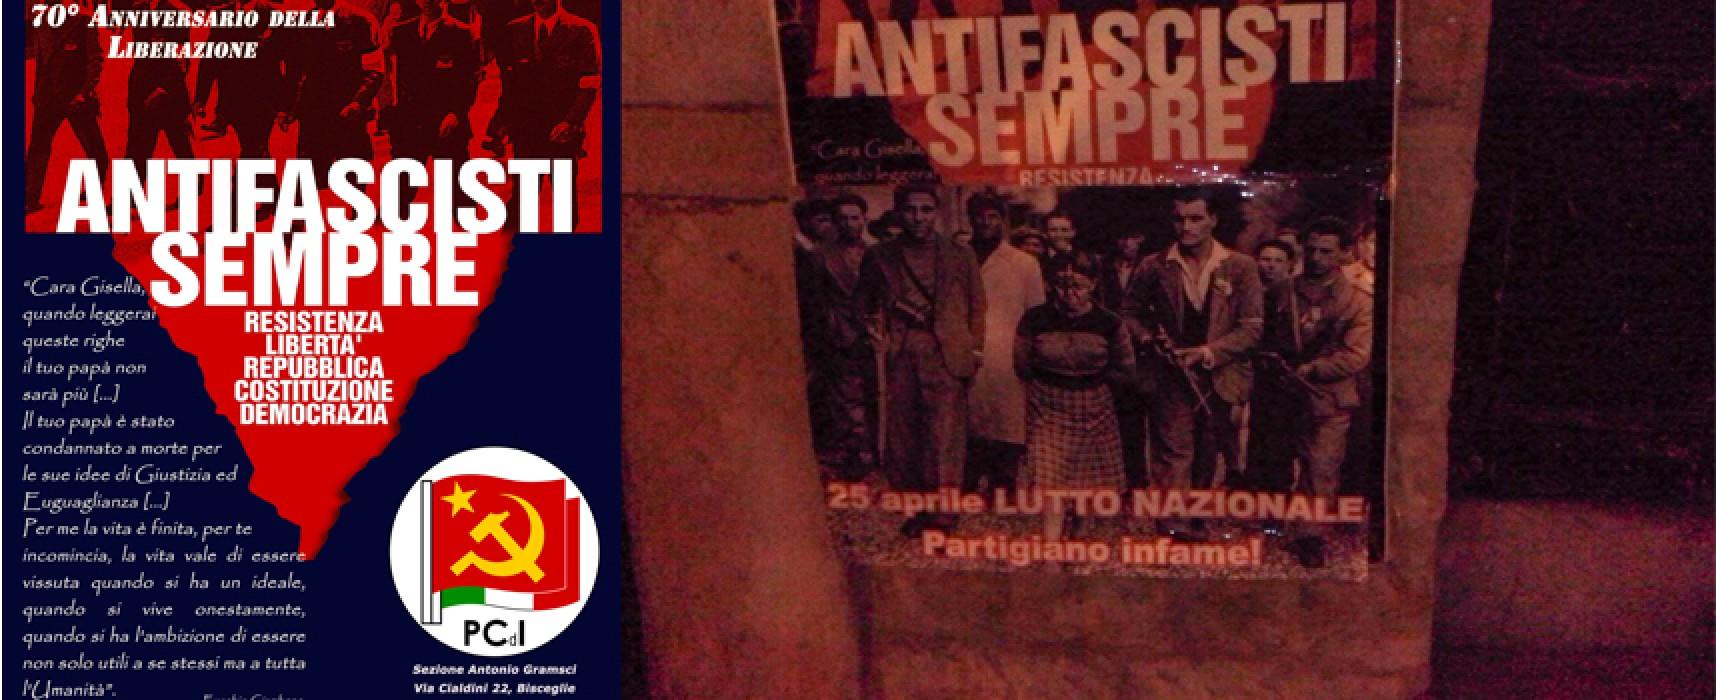 Messaggio neofascista sul manifesto del Pdci dedicato al 70° anniversario della Liberazione